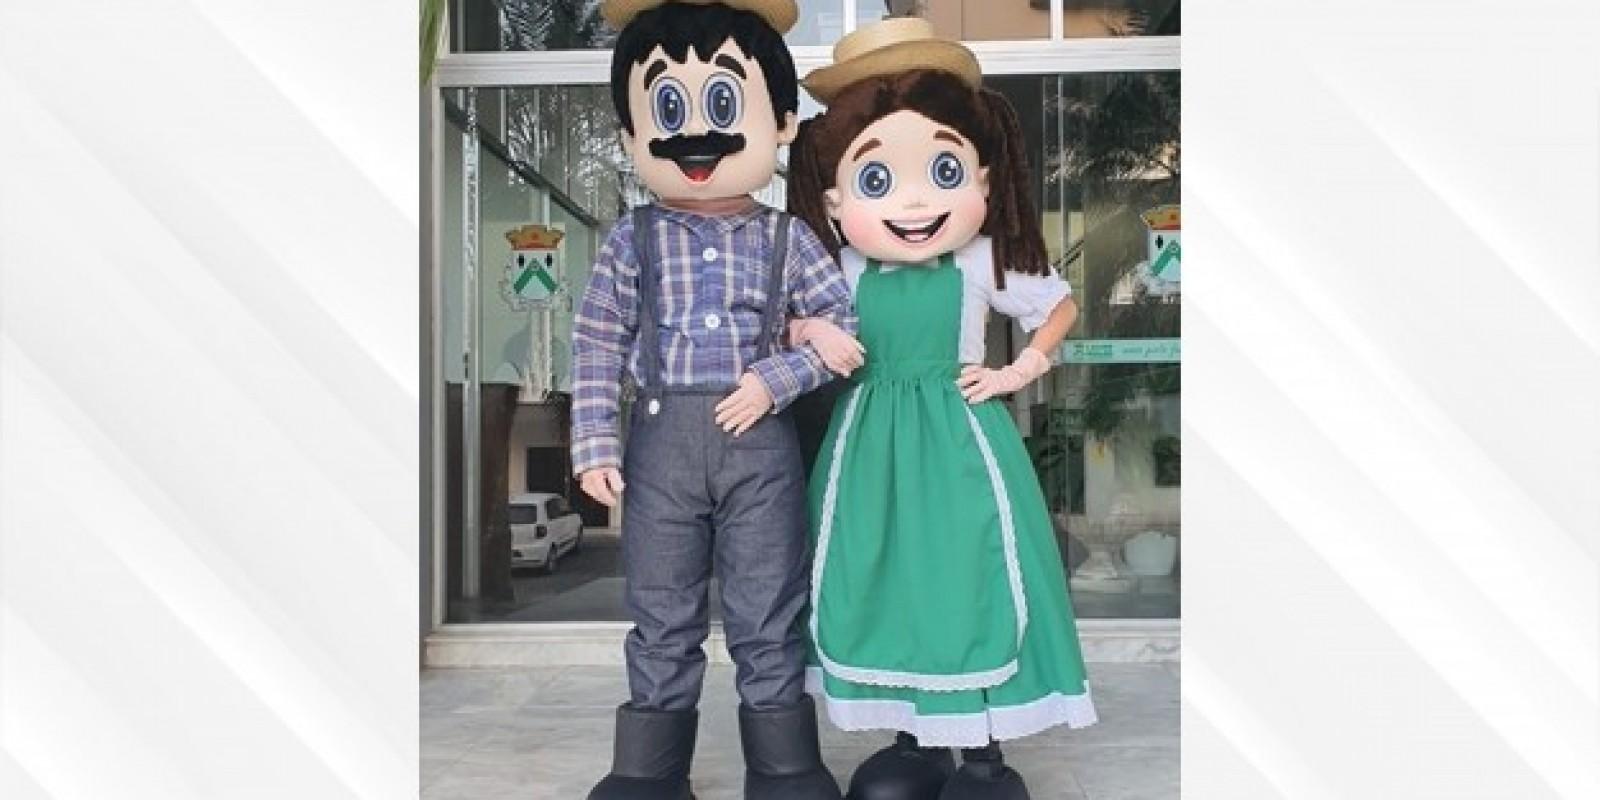 Festa do Agricultor, de Lauro Müller, tem enquete para escolher nomes das mascotes